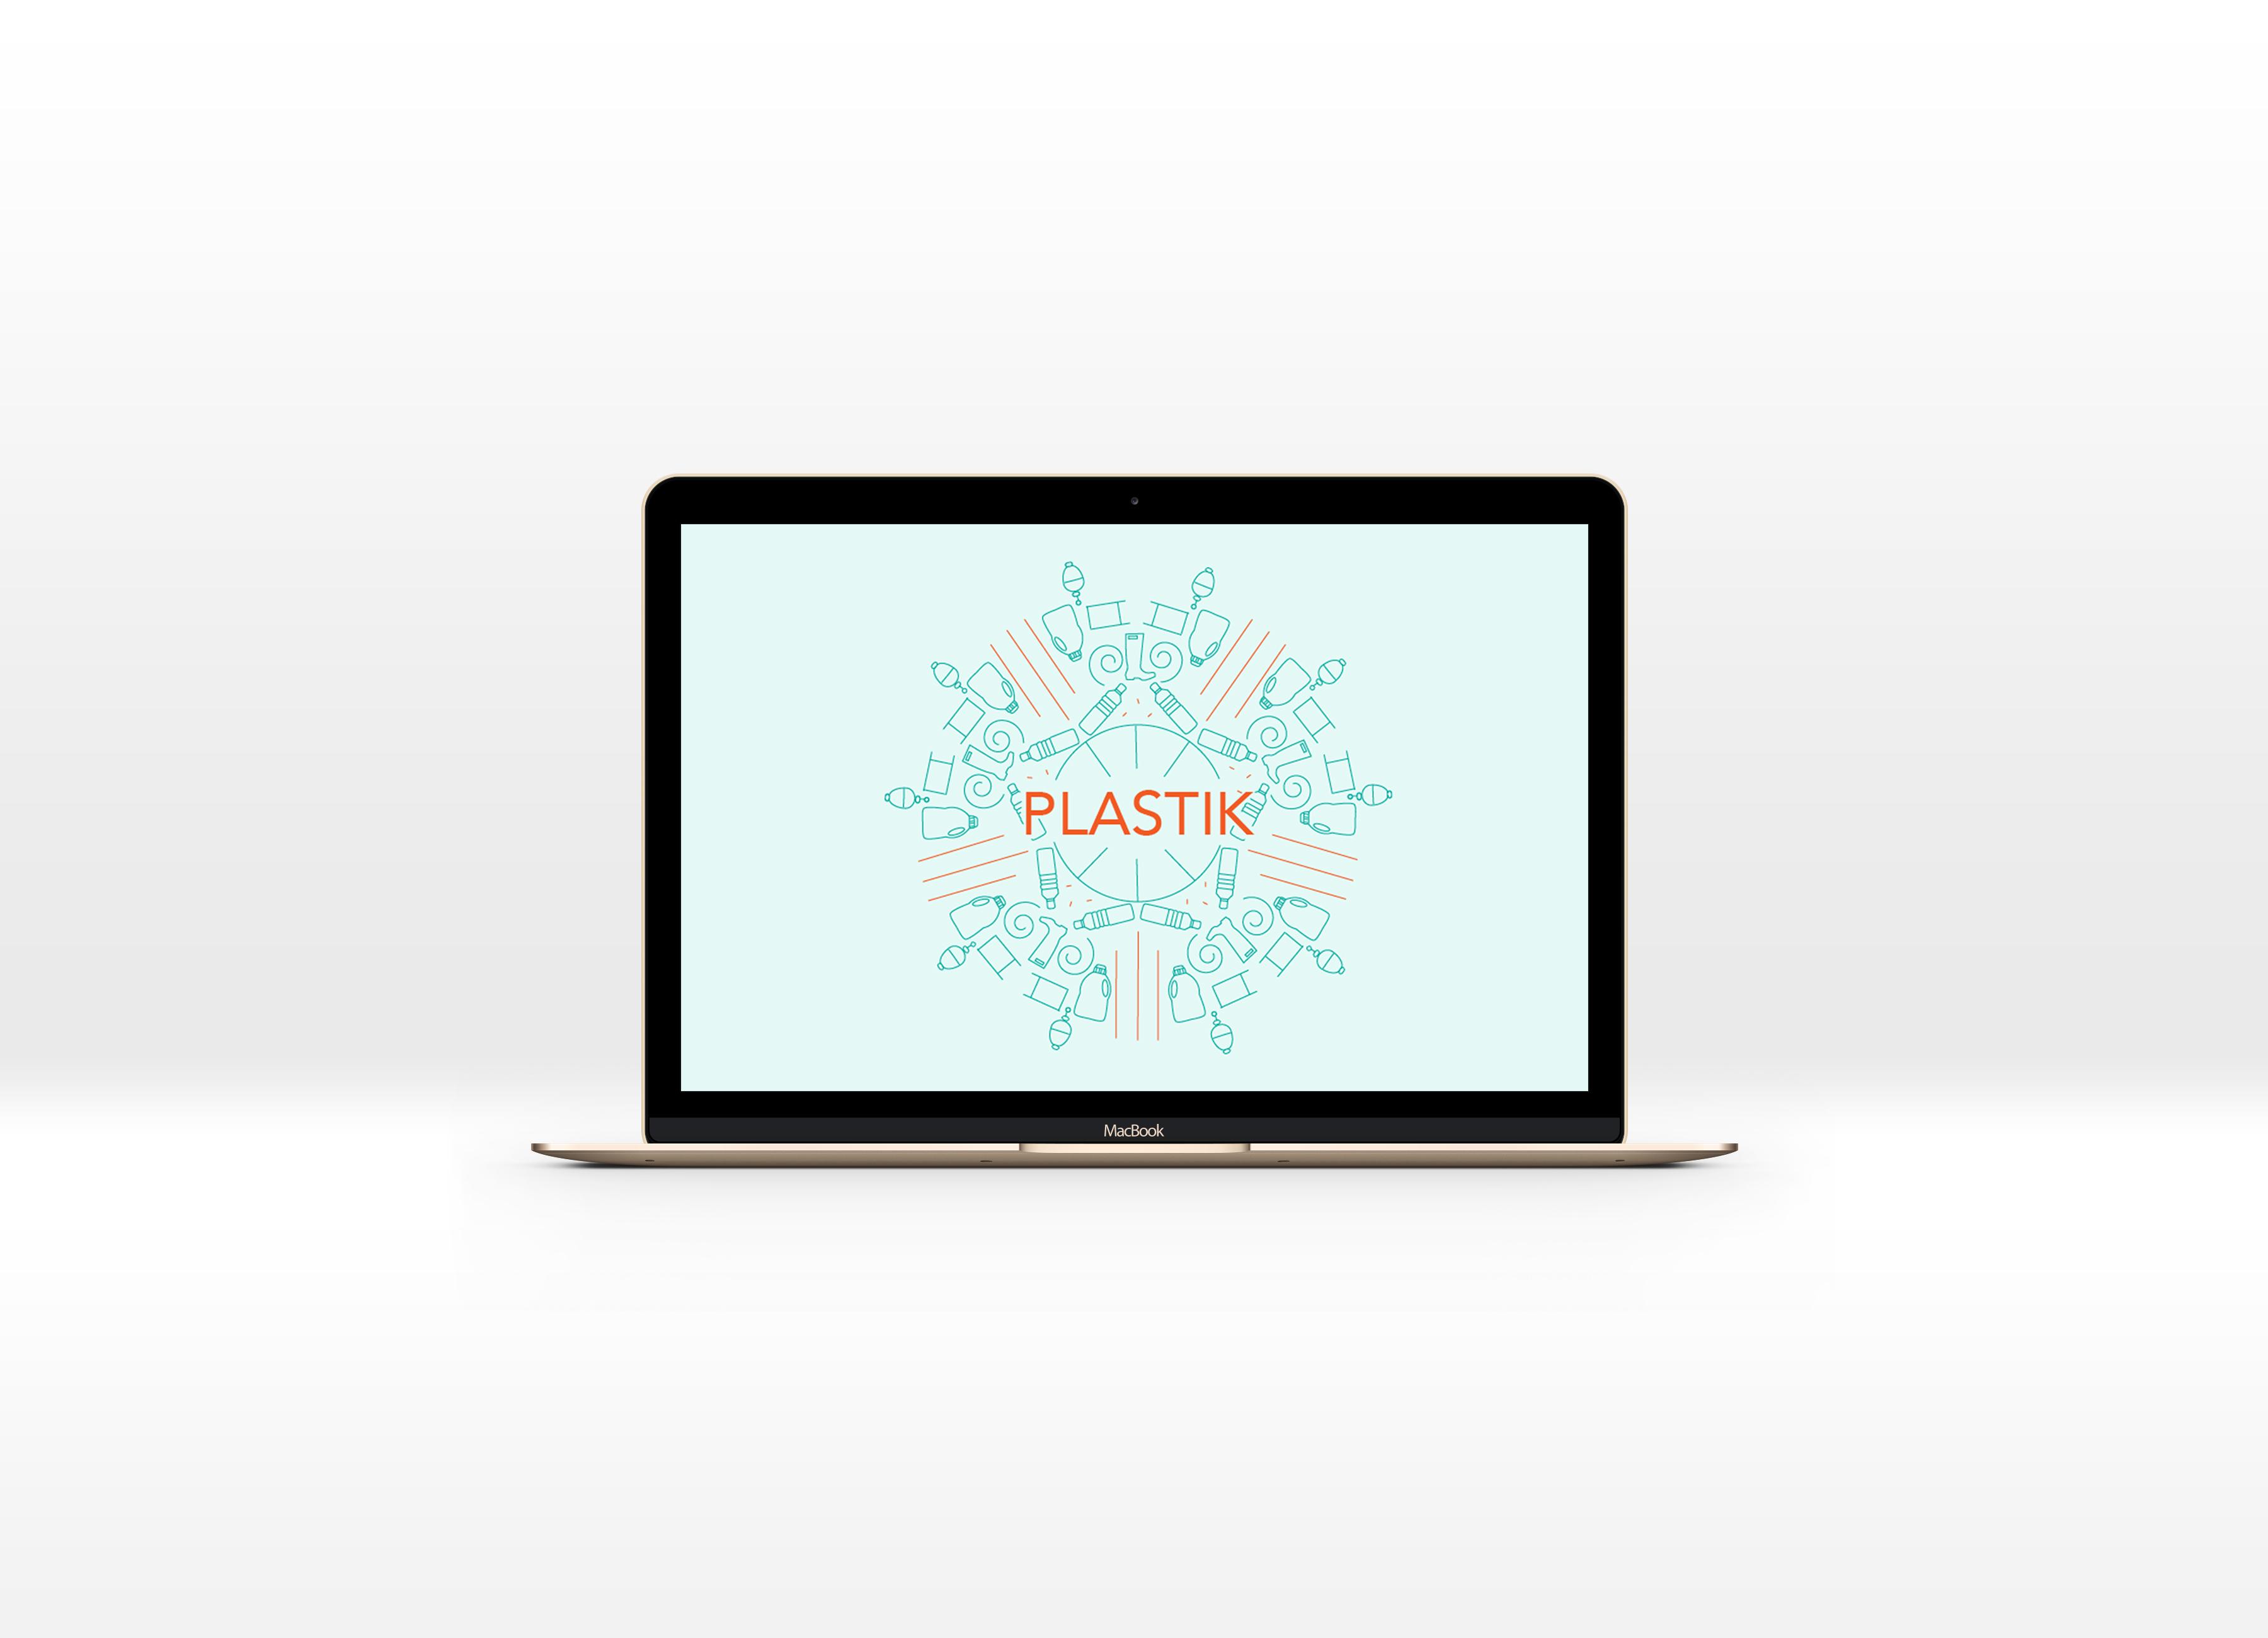 plastik onepager